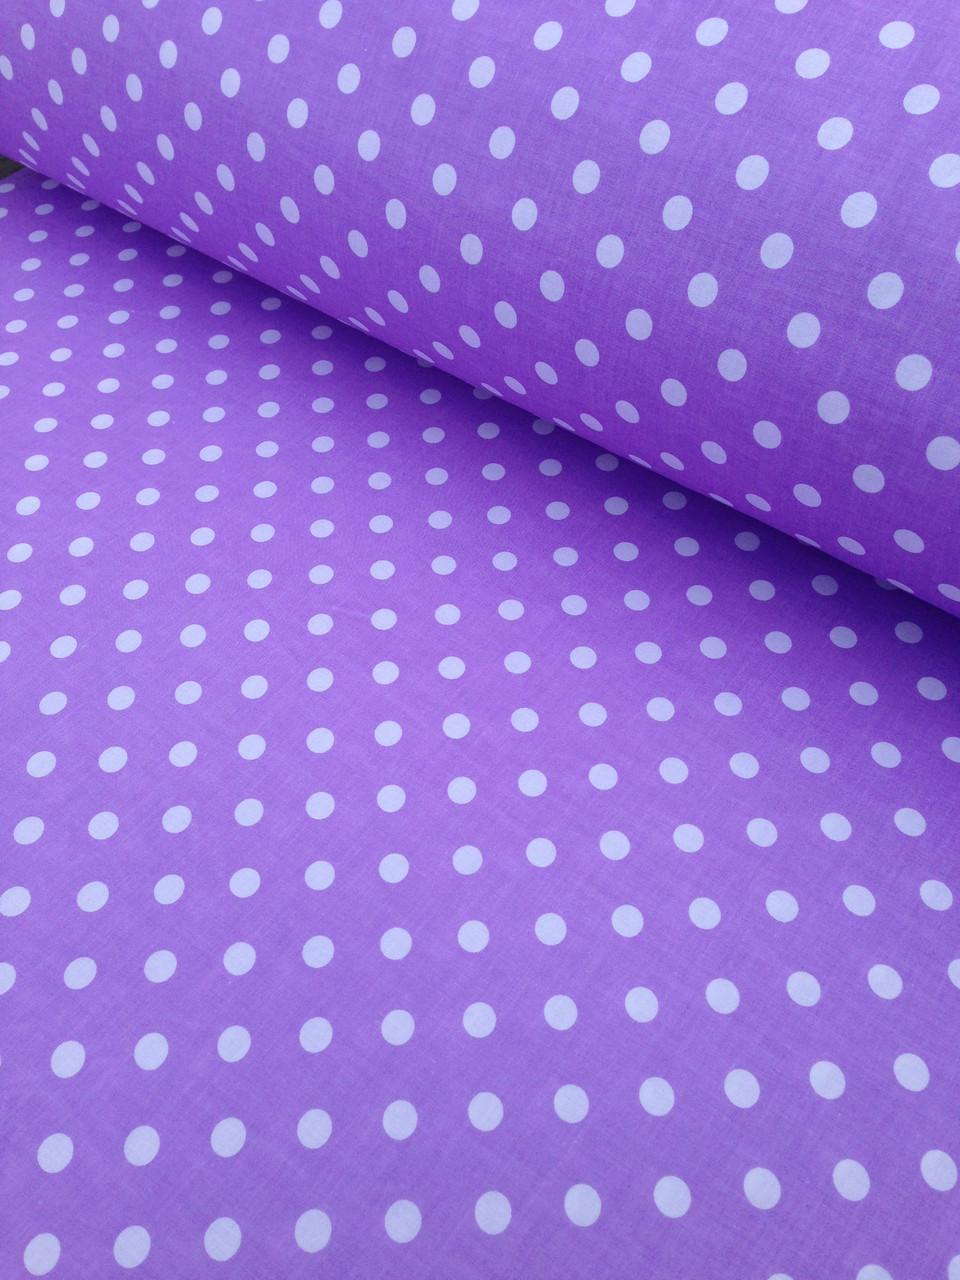 Хлопковая ткань польская белый горох на фиолетовом 1 см